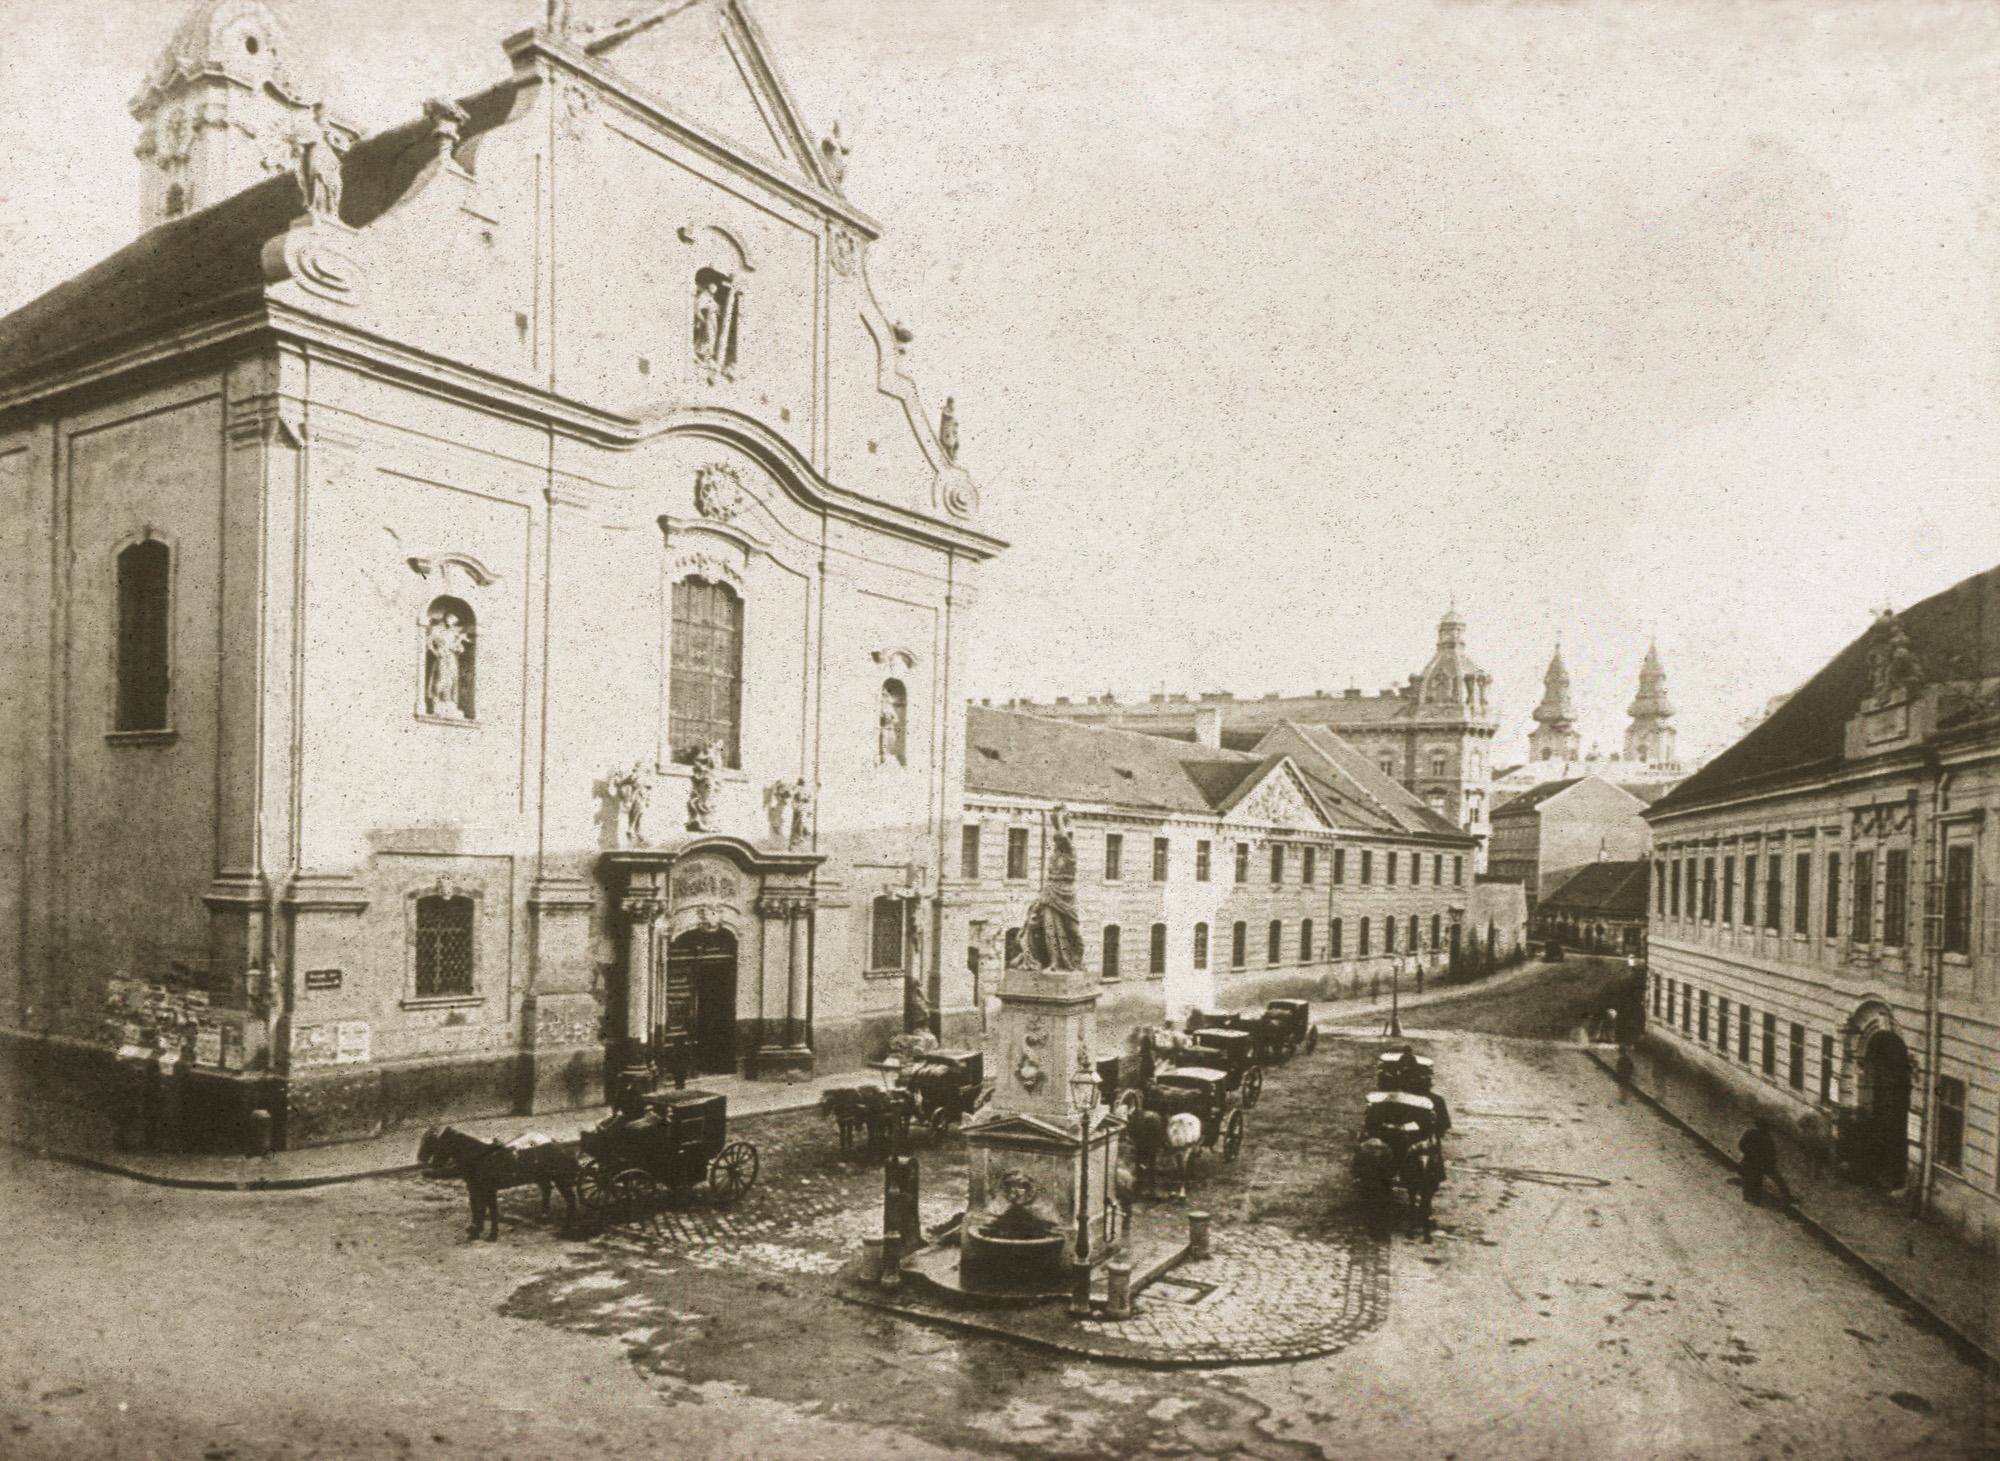 Fotó: Klösz György: Hatvani utca, Ferenciek tere, 1890 körül (Kisképző Digitális Fotótár)